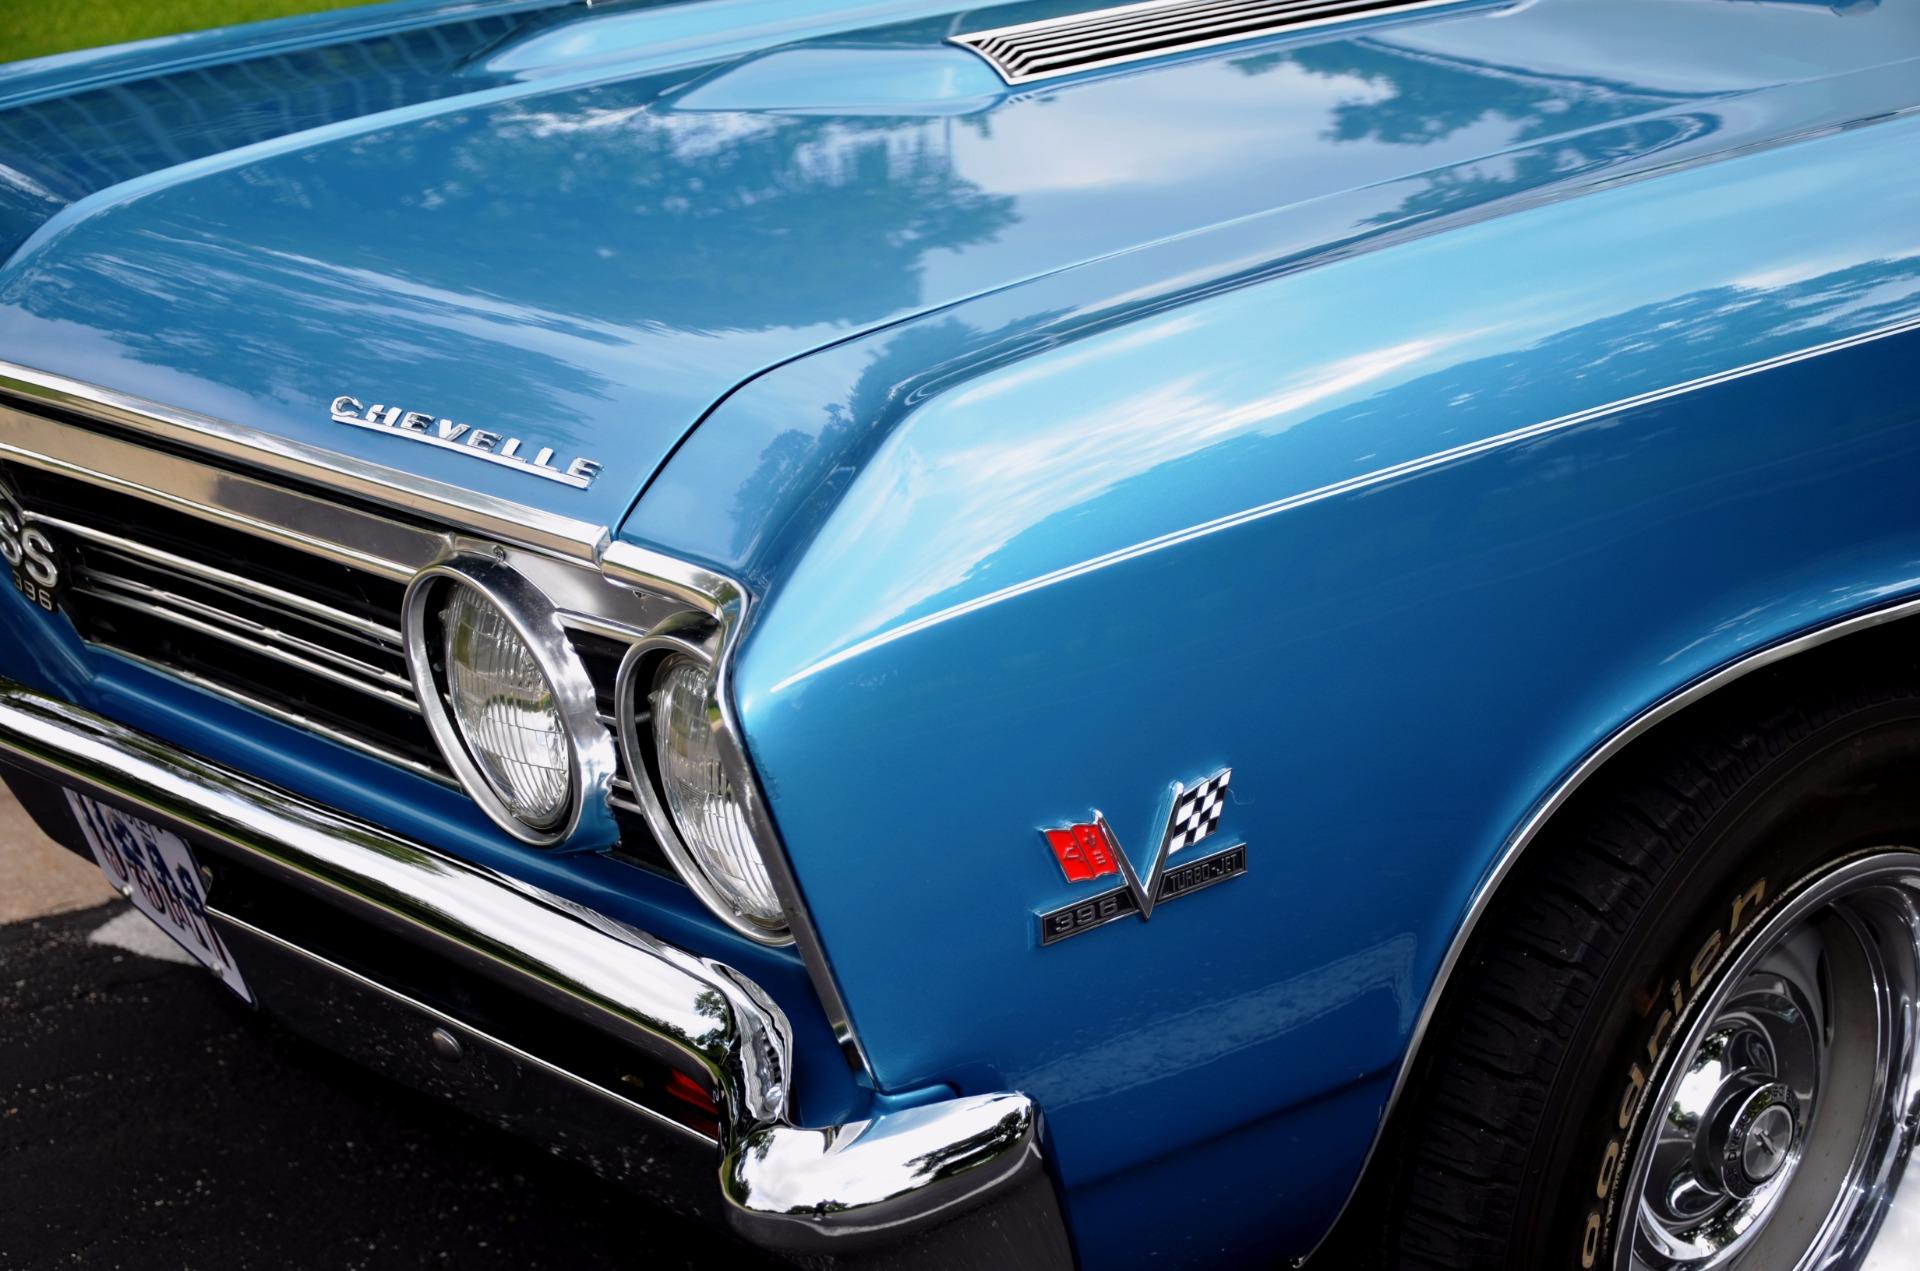 Used 1967 CHEVROLET CHEVELLE SUPER SPORT | Dallas, TX